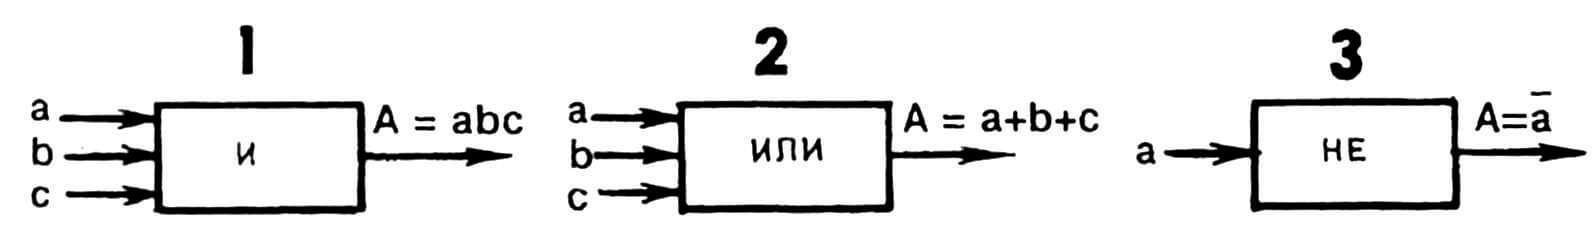 Рис.1. Условные изображения схем, реализующие основные логические операции: 1 — умножения (И), 2 — сложения (ИЛИ), 3 — отрицания (НЕ); а,Ь,с — входные сигналы; А — выходной сигнал.